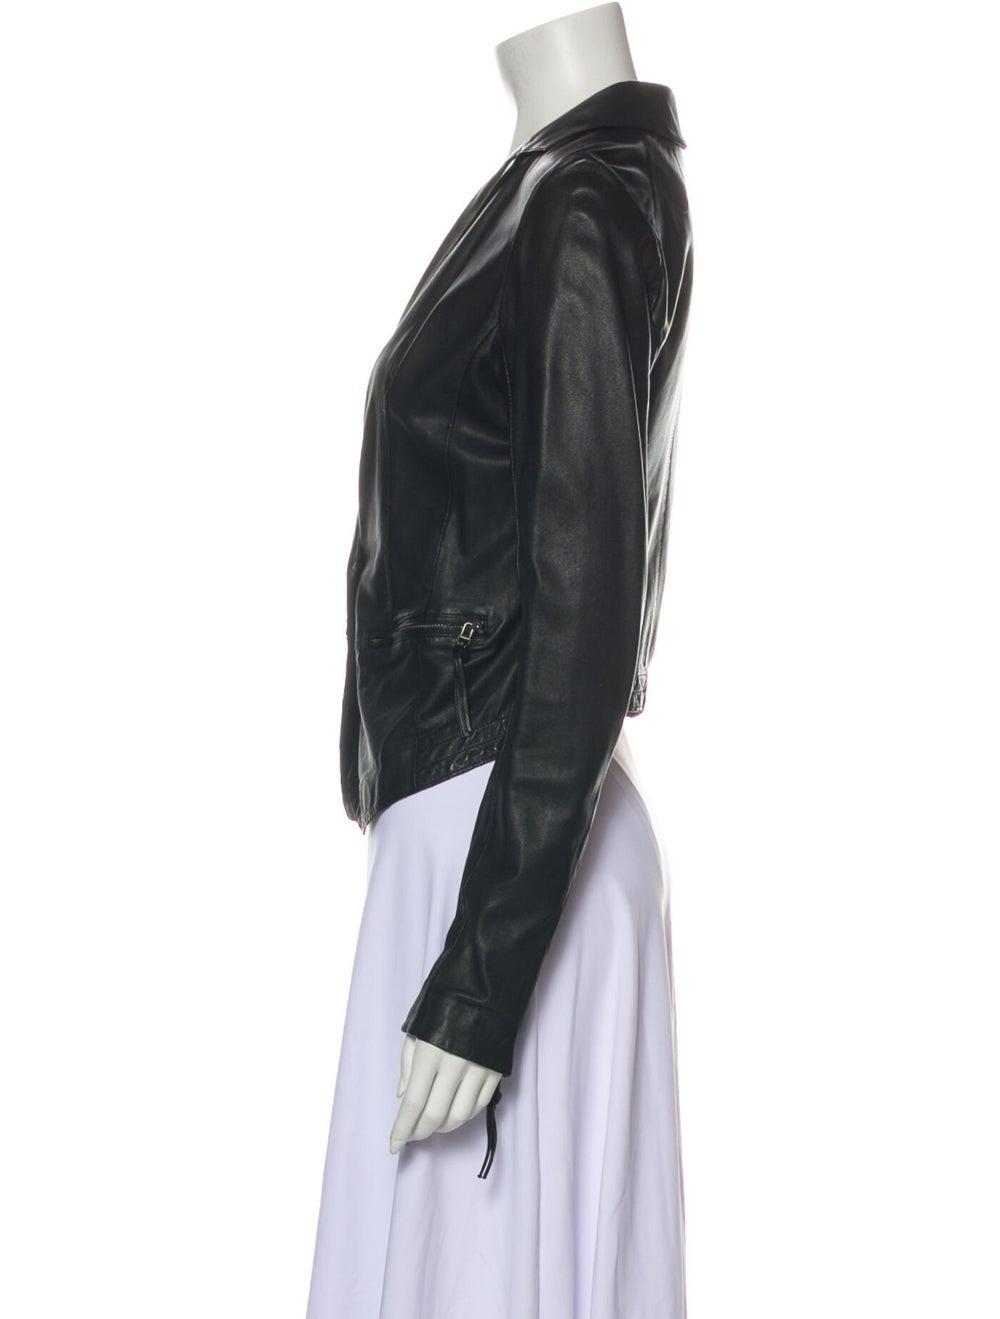 Day Birger et Mikkelsen Lamb Leather Blazer Black - image 2